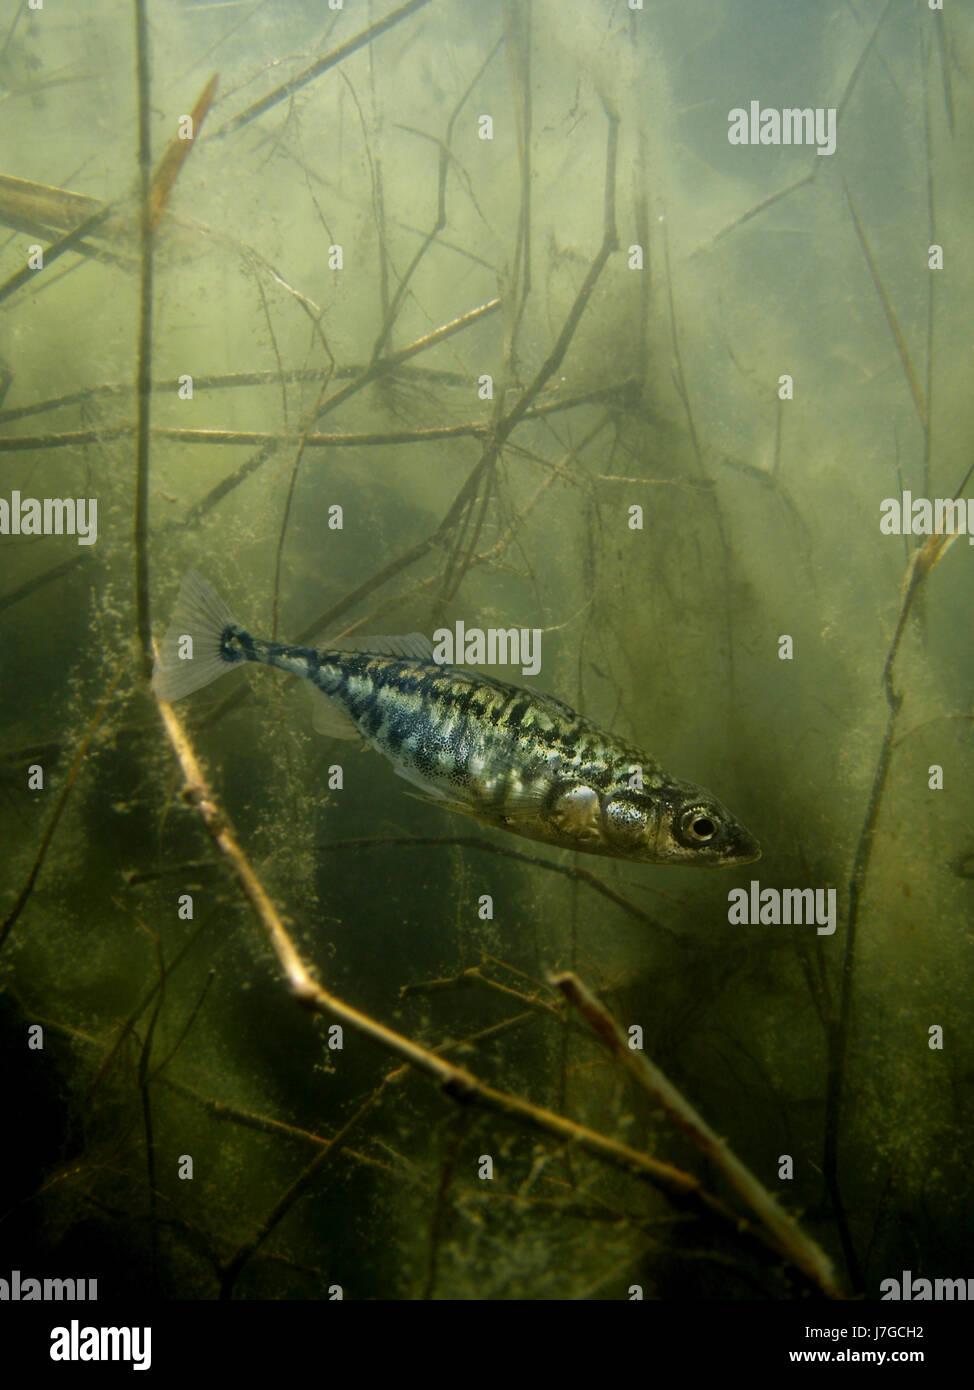 Nakedtail stickleback, Gasterosteus gymnurus, on estuarine environment. Portugal - Stock Image